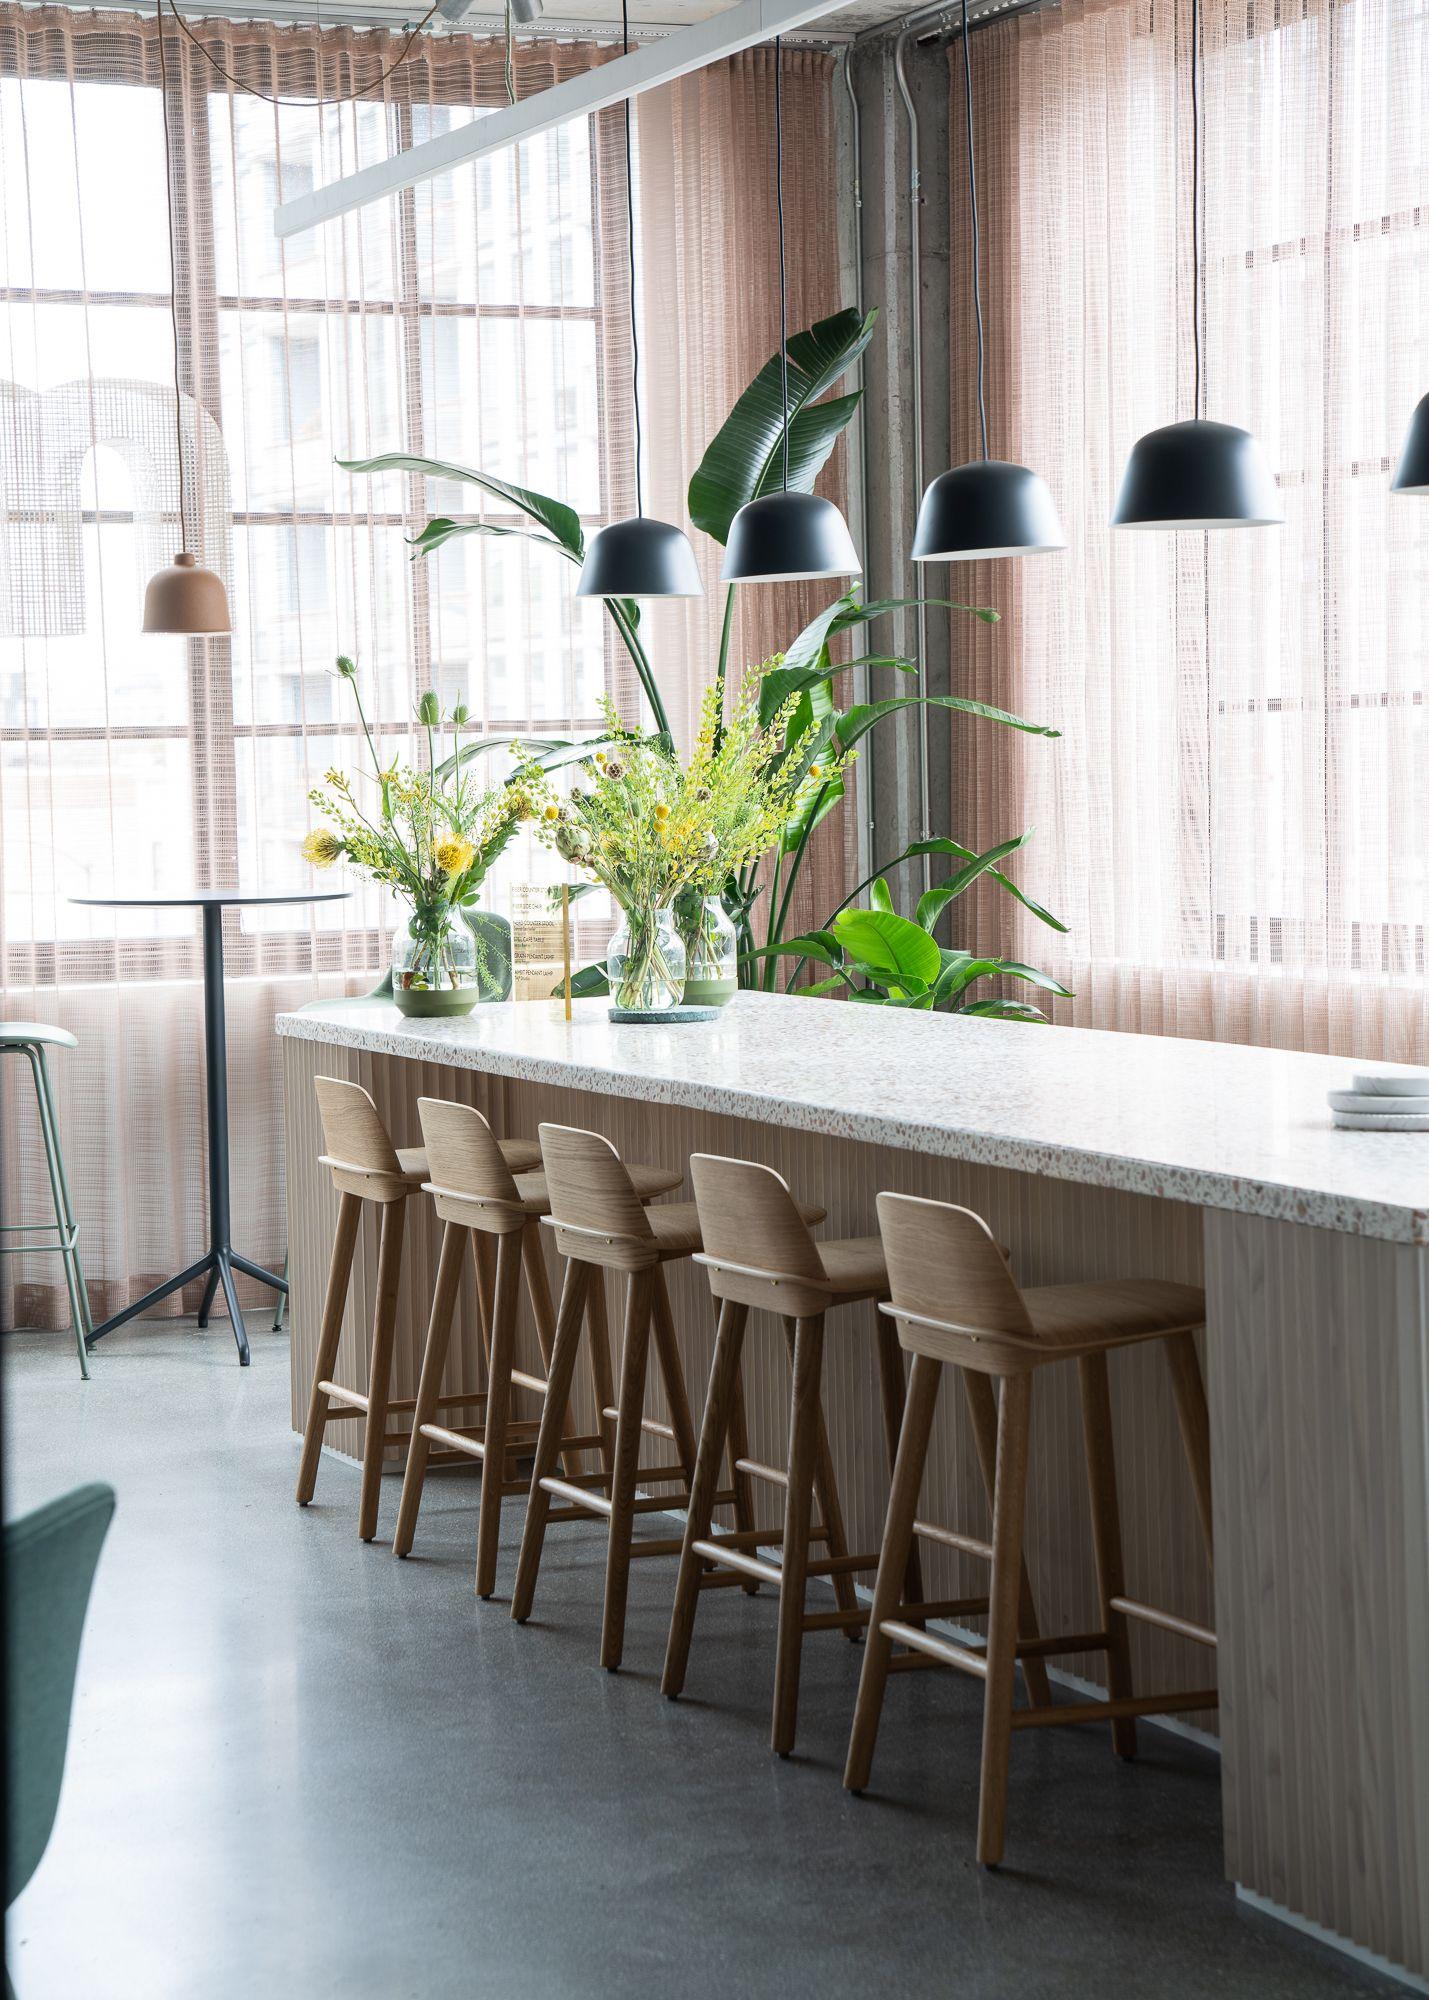 Scandinavian Bar Stool Inspiration For Office Interior From Muuto